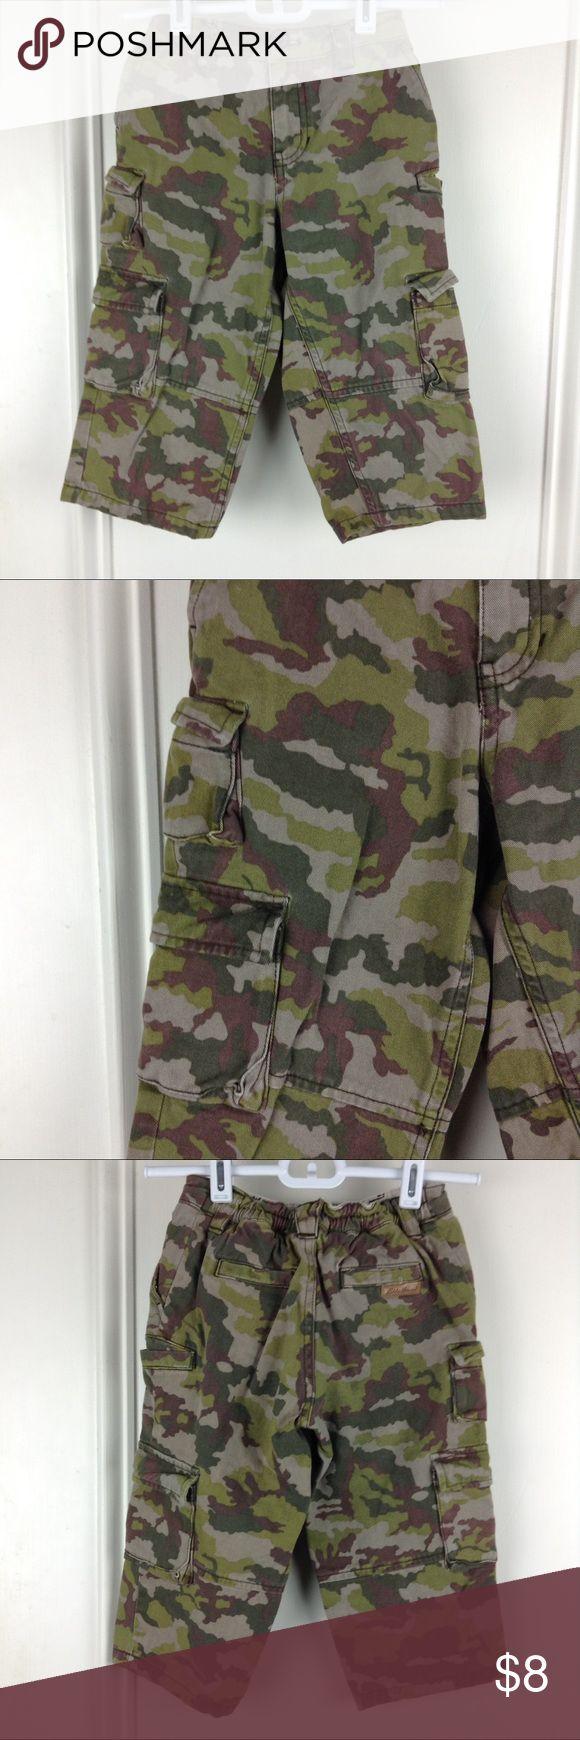 """Eddie Bauer Boys Tan Camo Cargo Pants 2T Eddie Bauer boys tan and green camo cargo pants. Size 2T. 19"""" waist, 7.5"""" rise, 12 inseam. PS56 Eddie Bauer Bottoms Casual"""